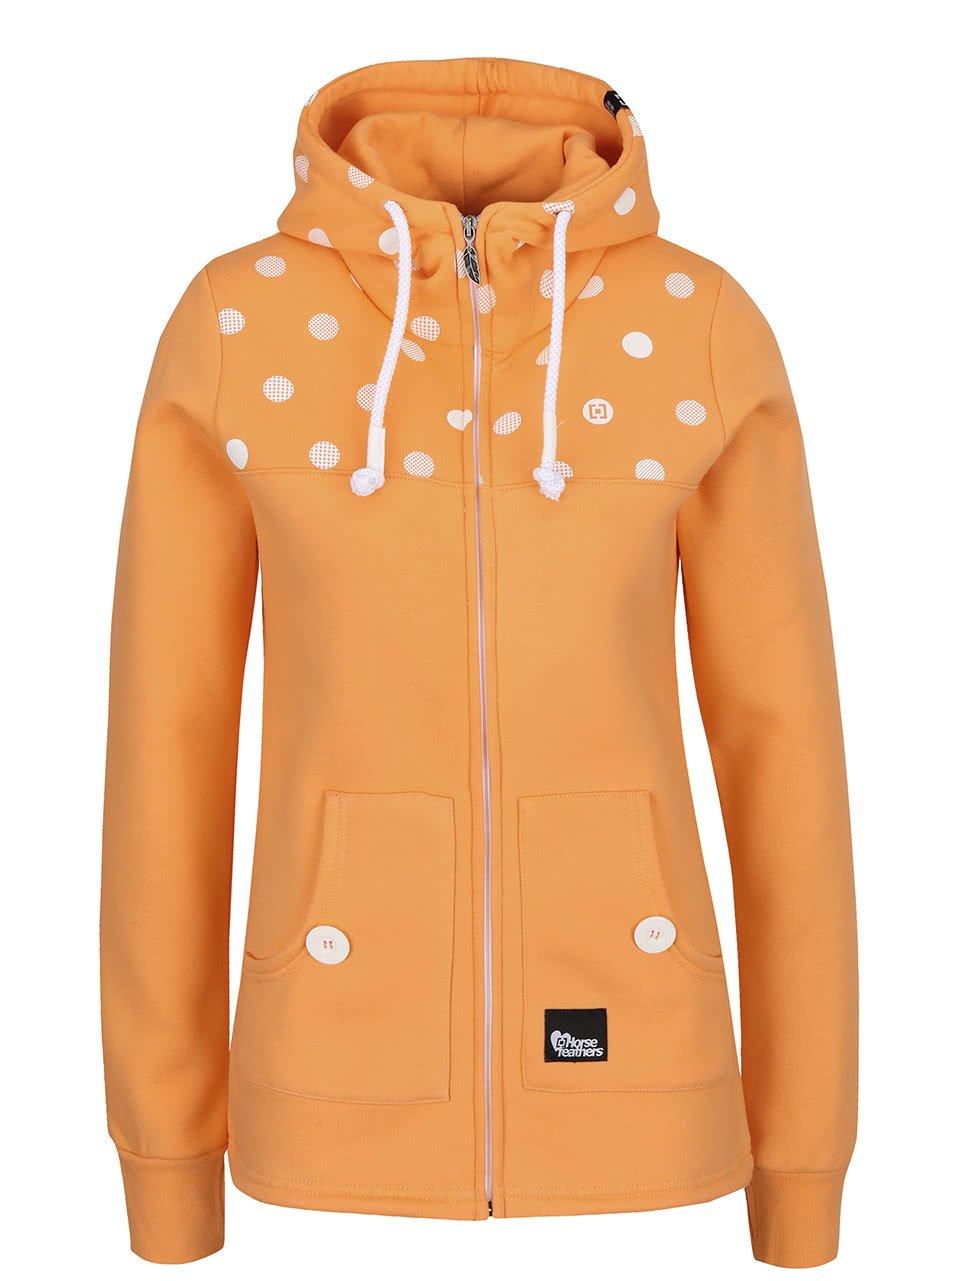 Oranžová dámská mikina na zip s puntíky Horsefeathers Ariane